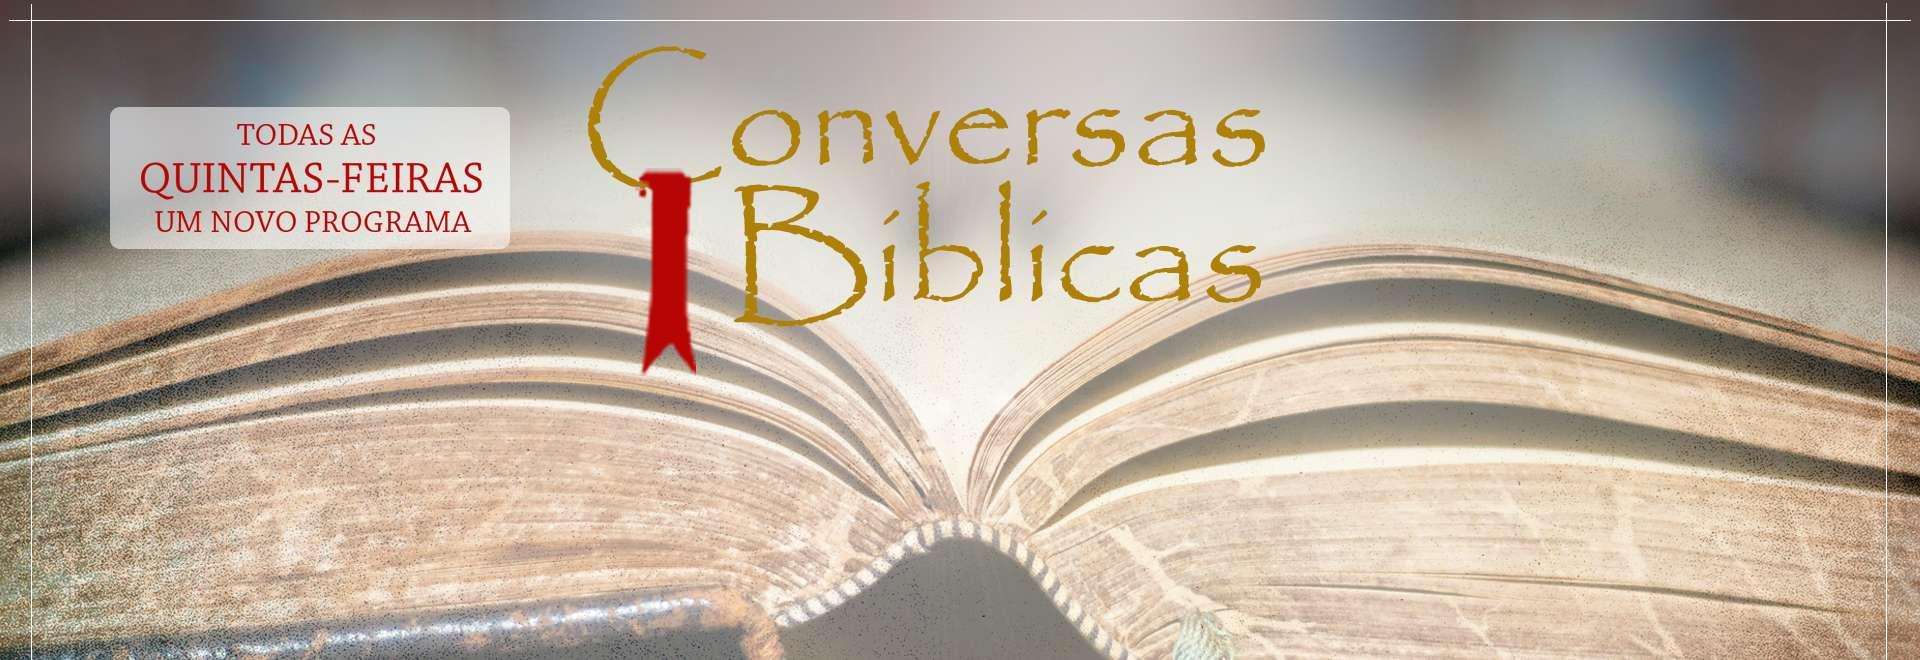 Conversas Bíblicas: Batismo com o Espírito Santo - Parte 2